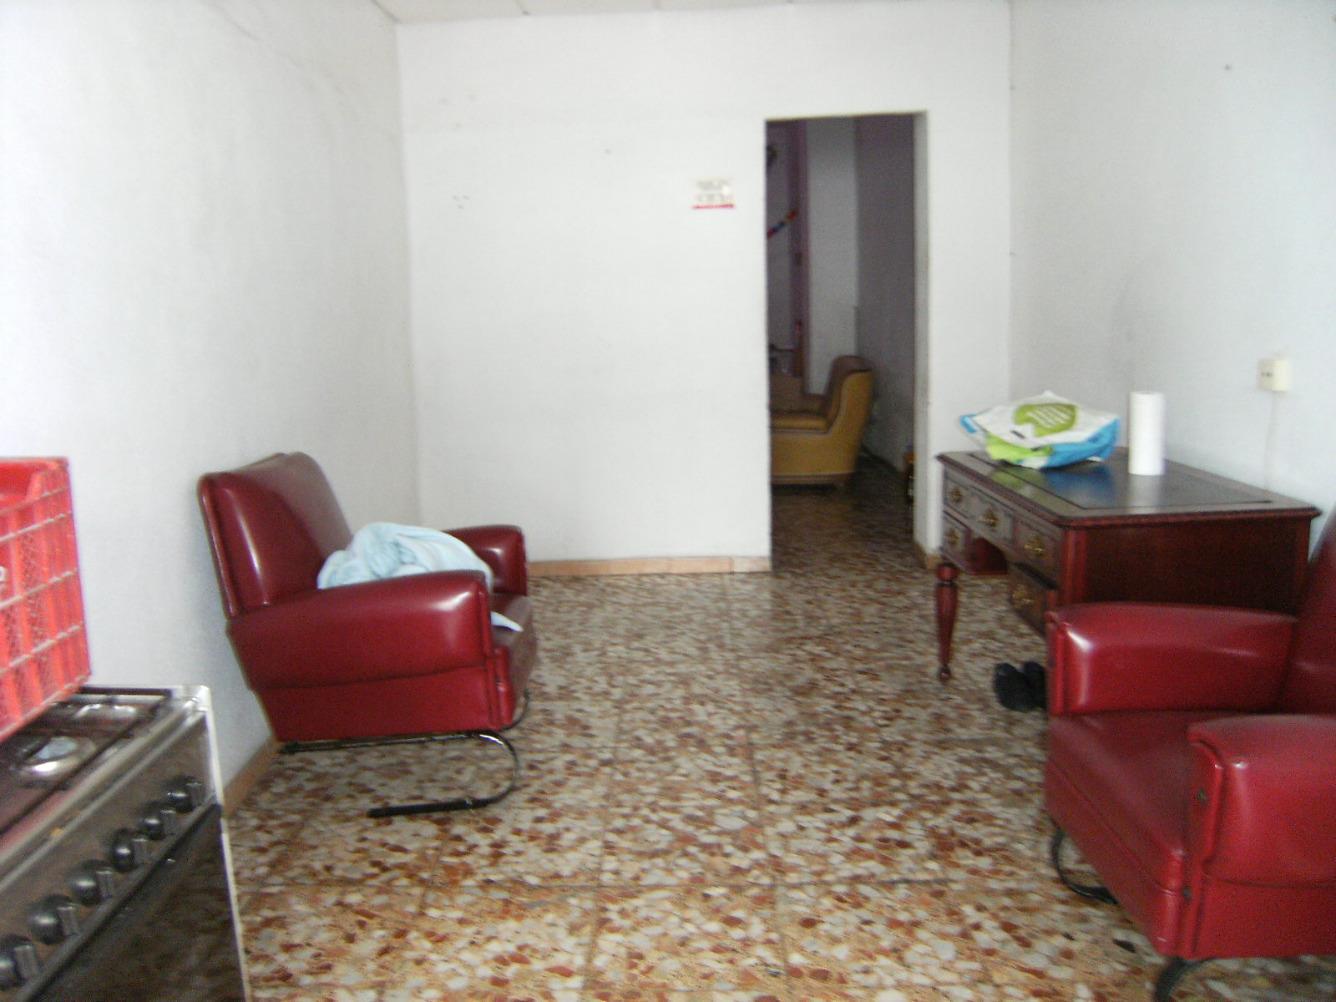 Local Comercial  Sedavi, zona avenida madrid. Local comercial de 6m de fachada, despacho, aseo y sala diáfana,